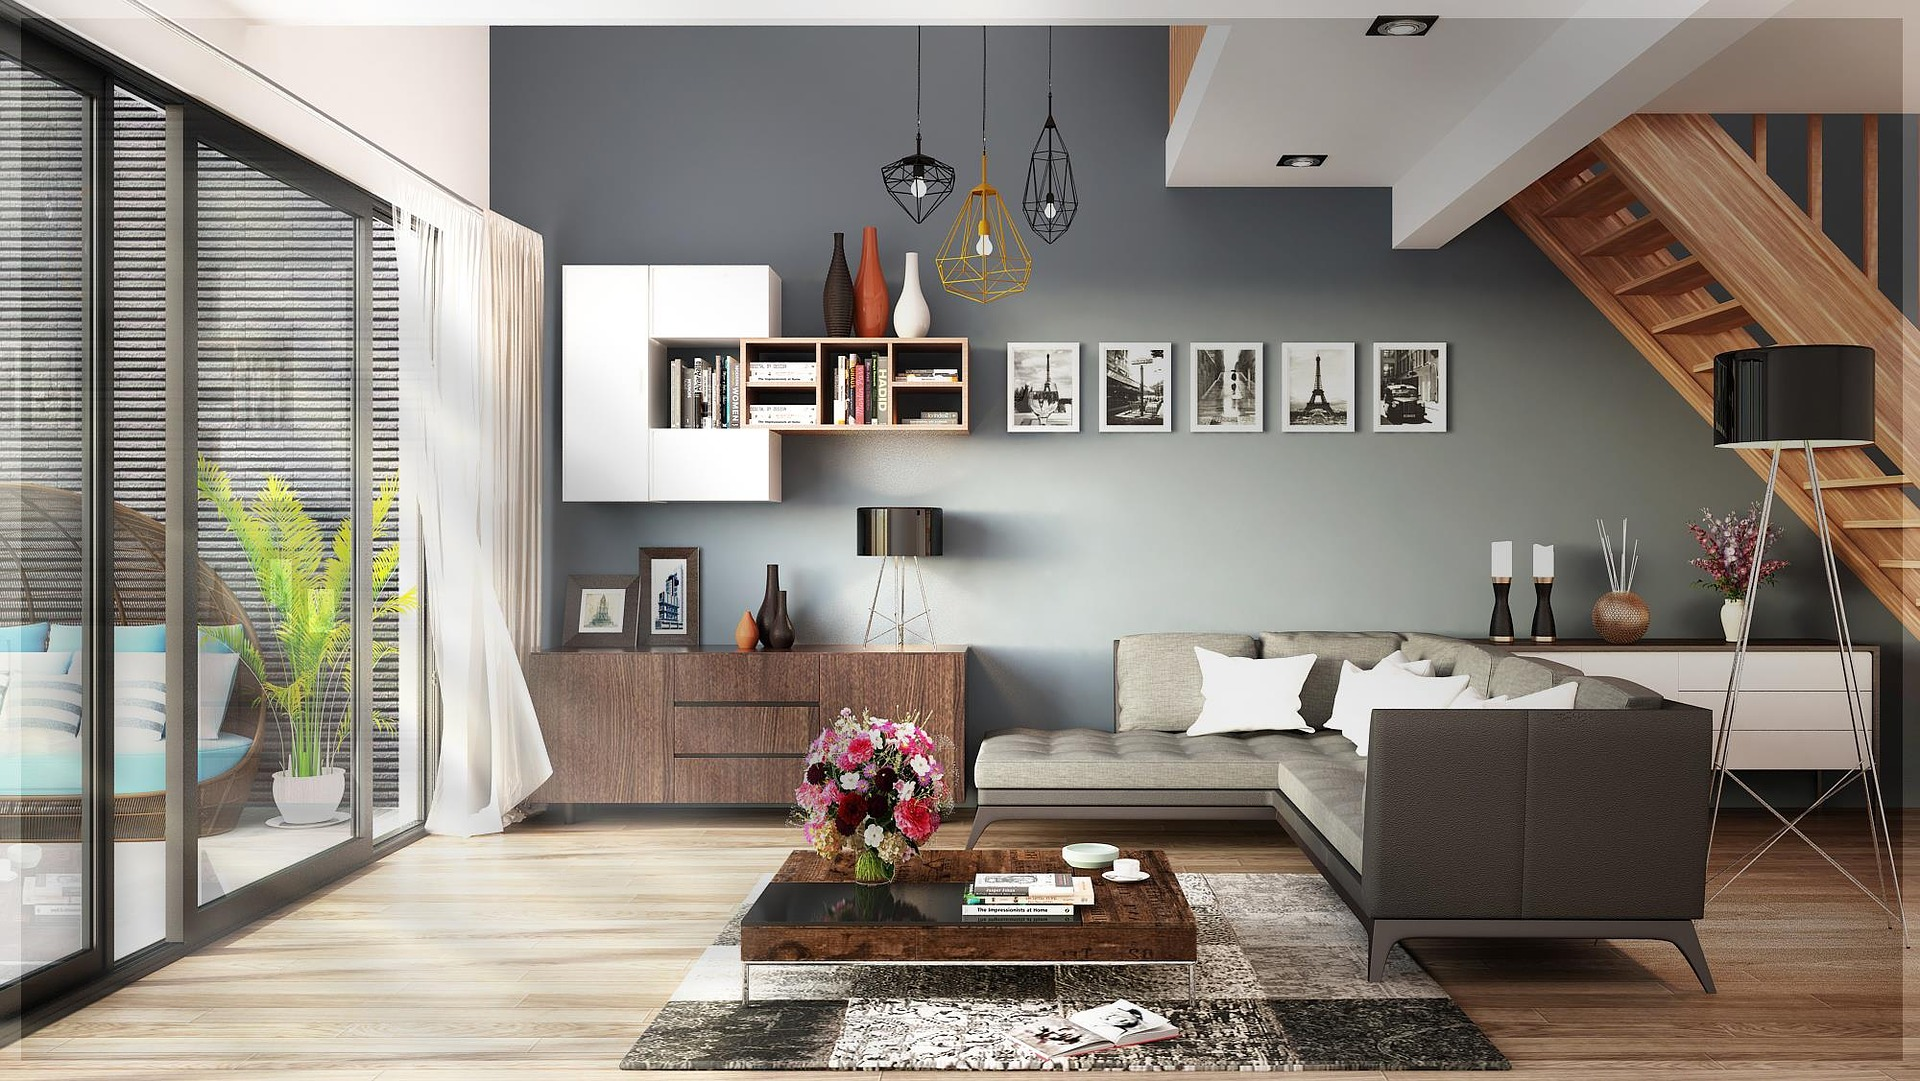 Wzory paneli podłogowych, astyl wnętrza